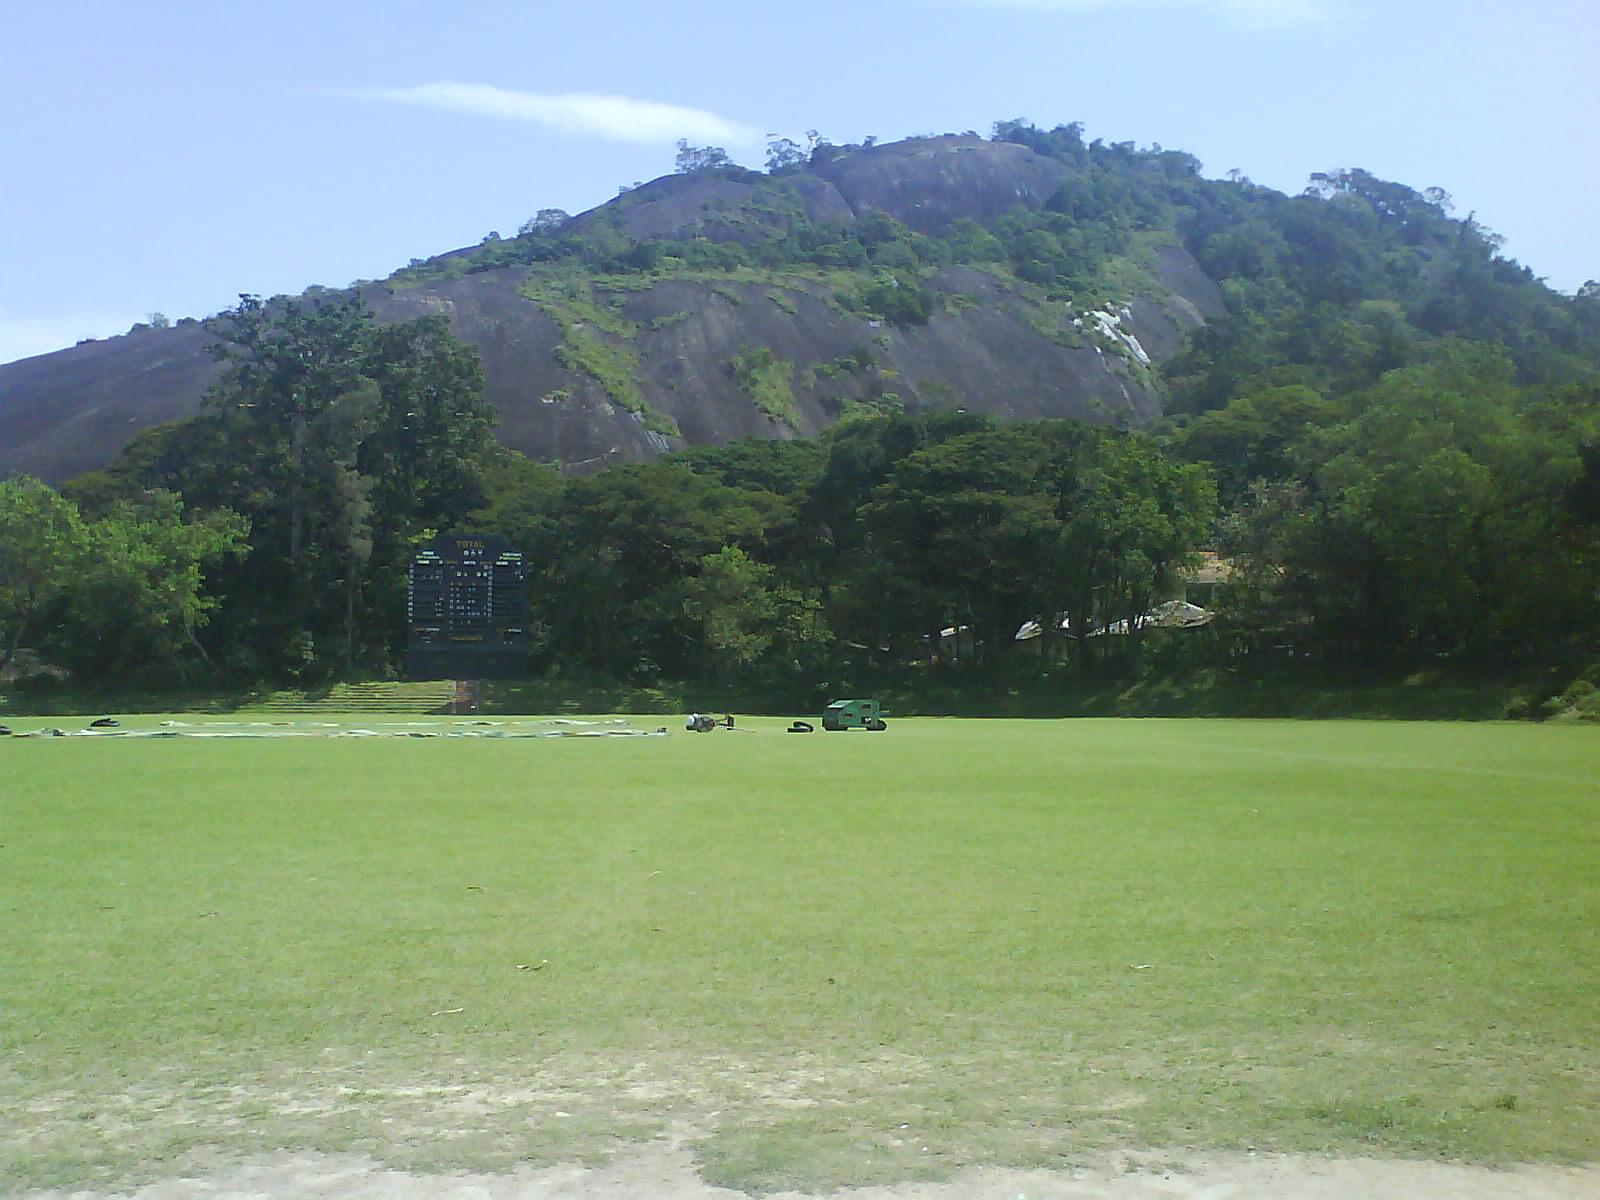 Kurunegala Sri Lanka  city images : Sports[edit] Adikariya, Sri Lanka